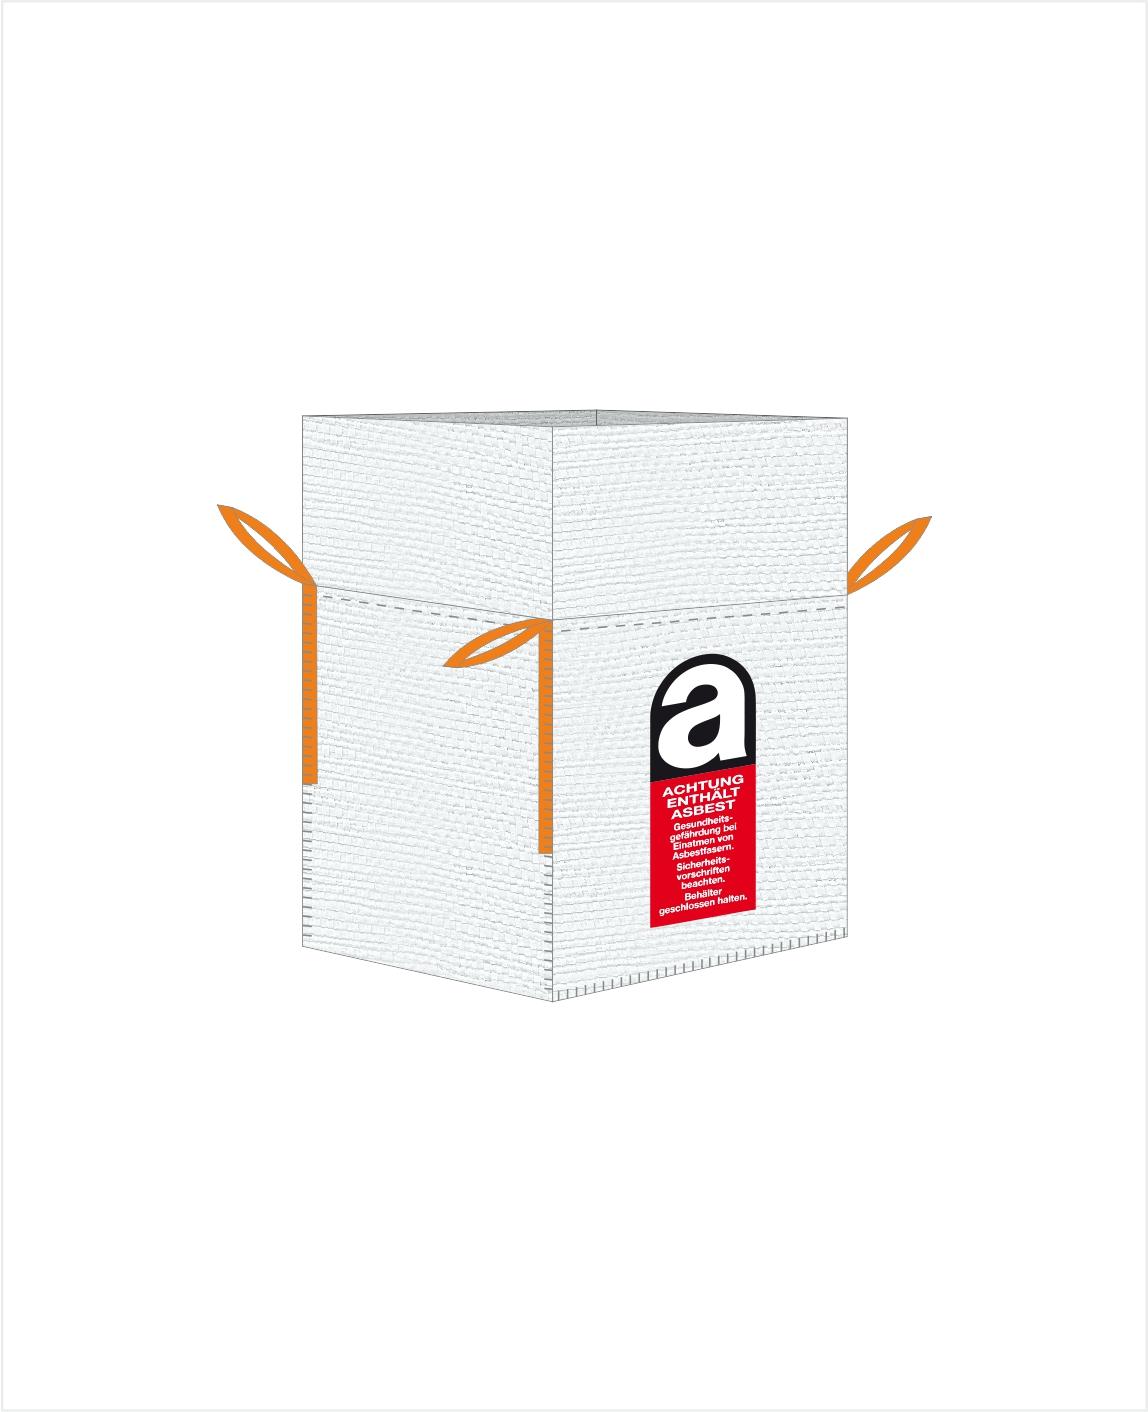 5 Stück ASBEST Entsorgungsbehälter BIG BAG 260x125x30cm 1000kg